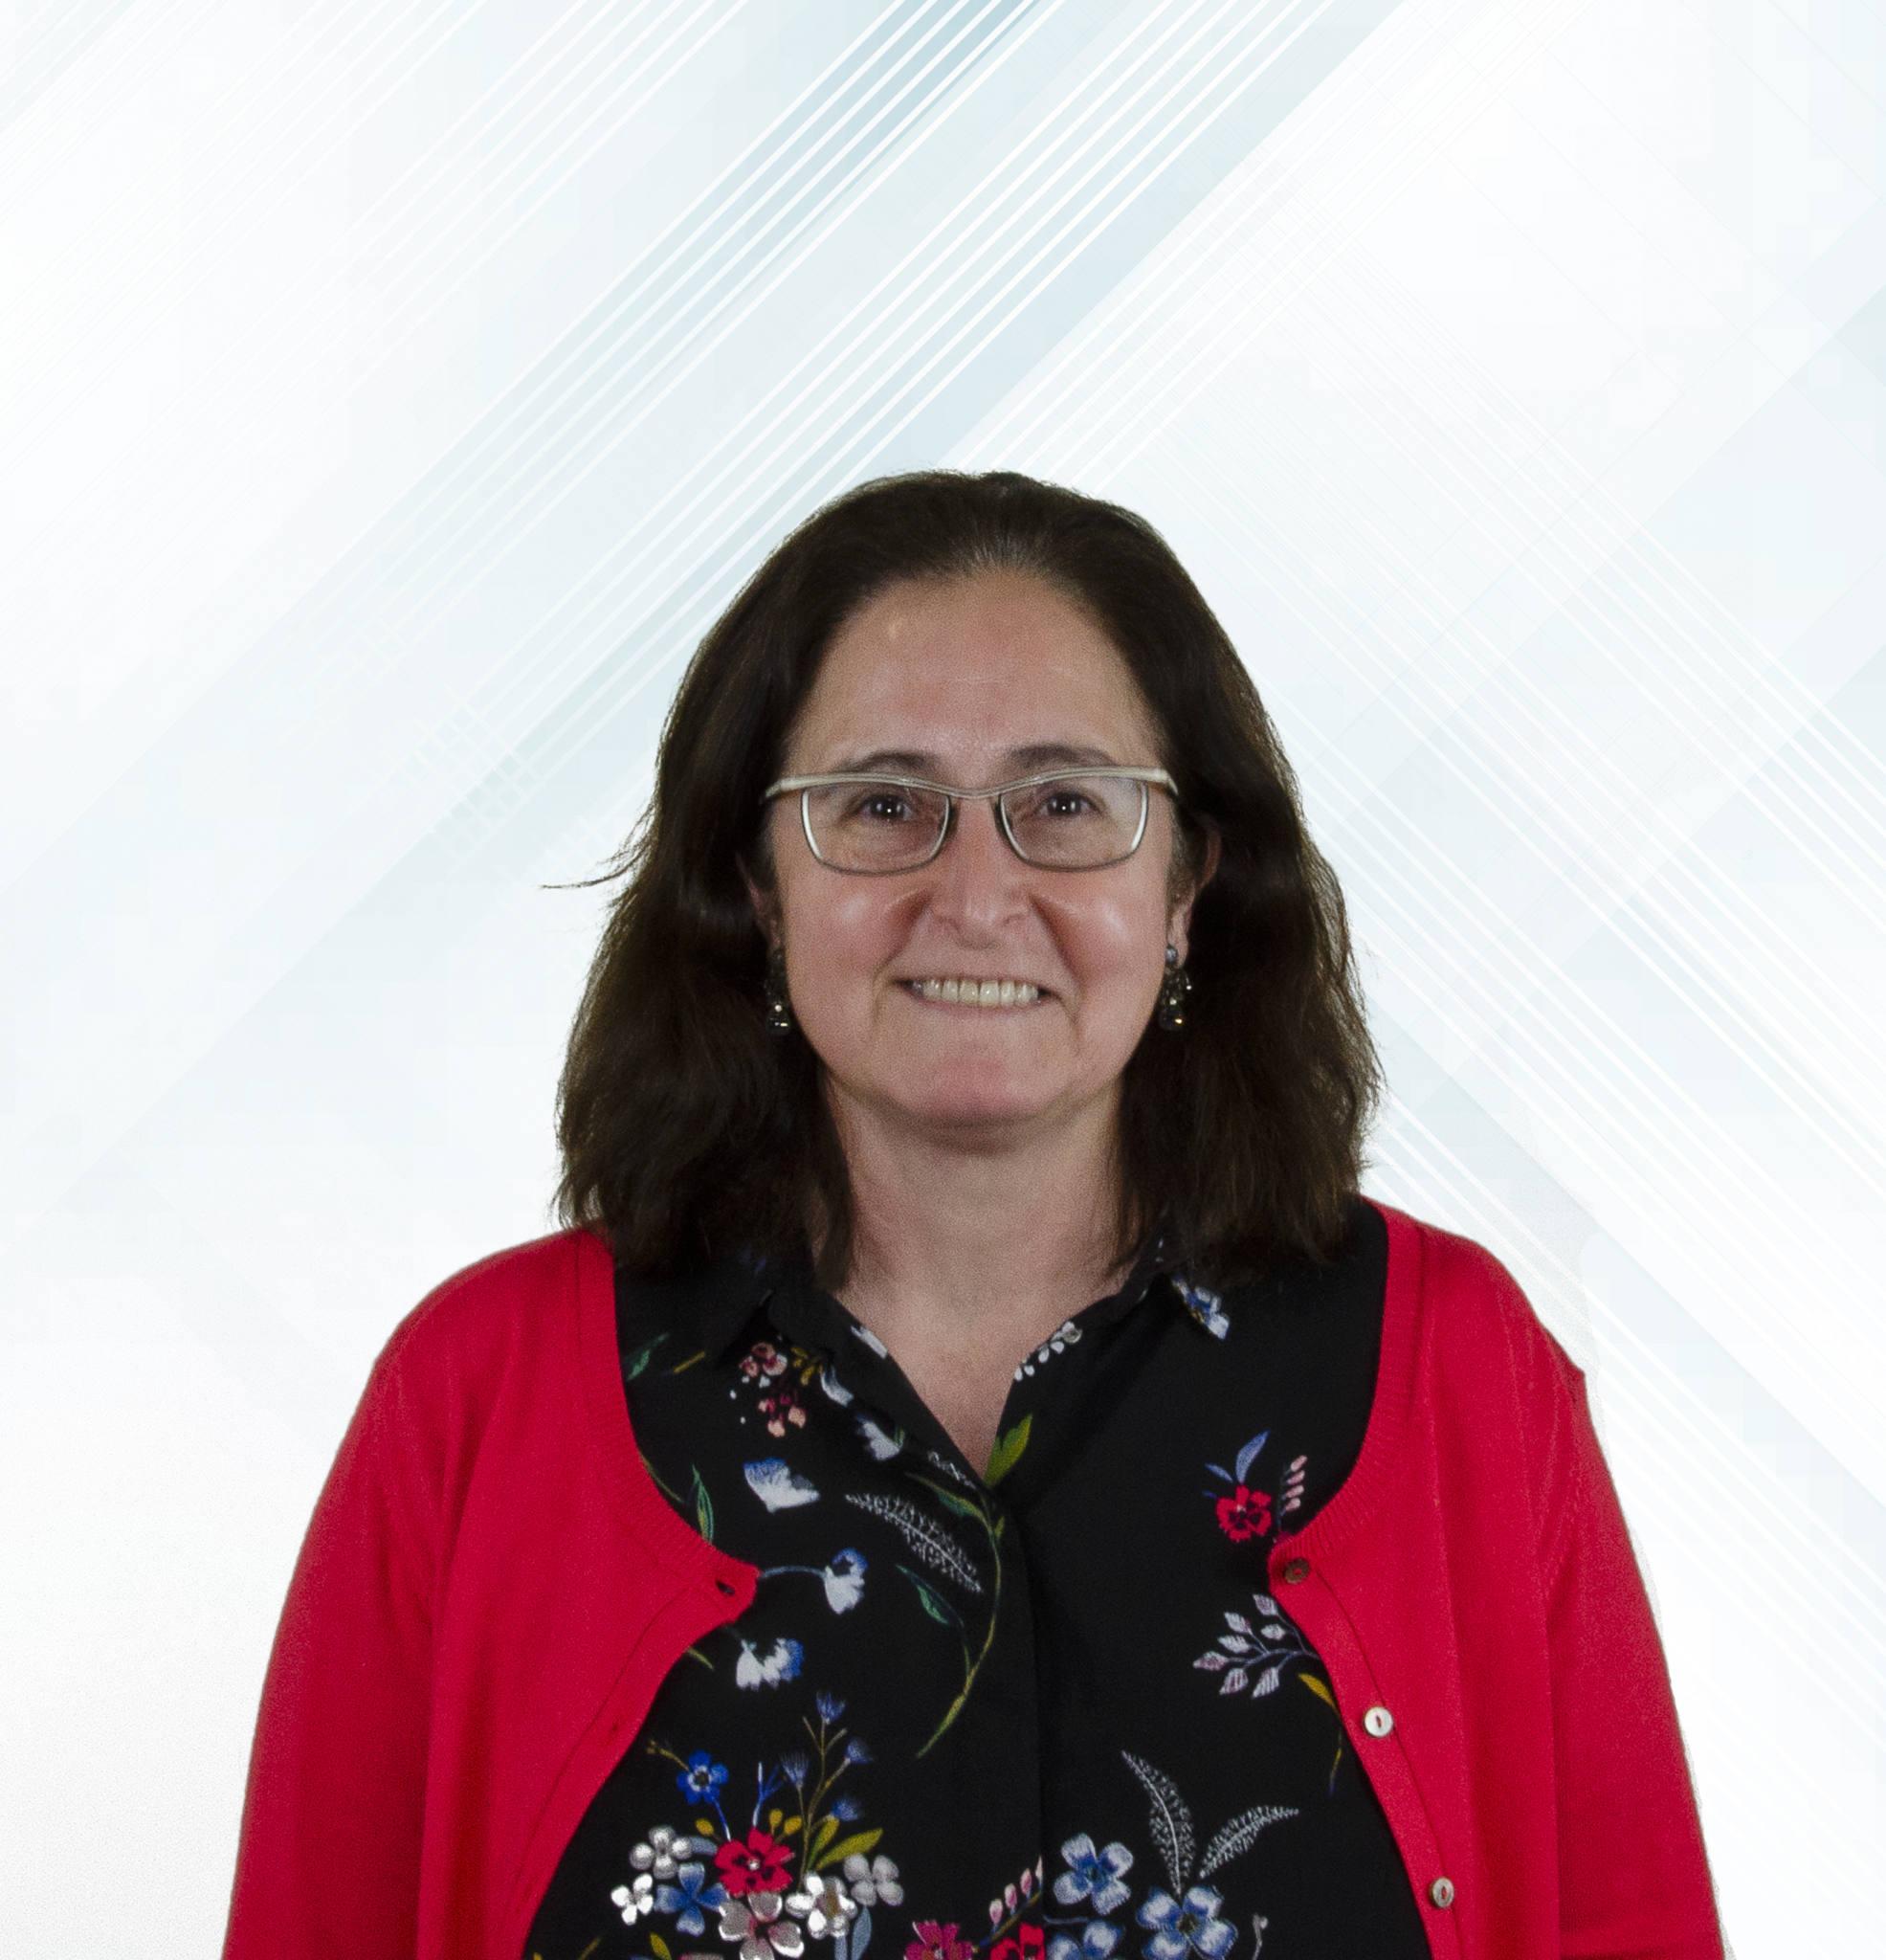 Araceli Puente